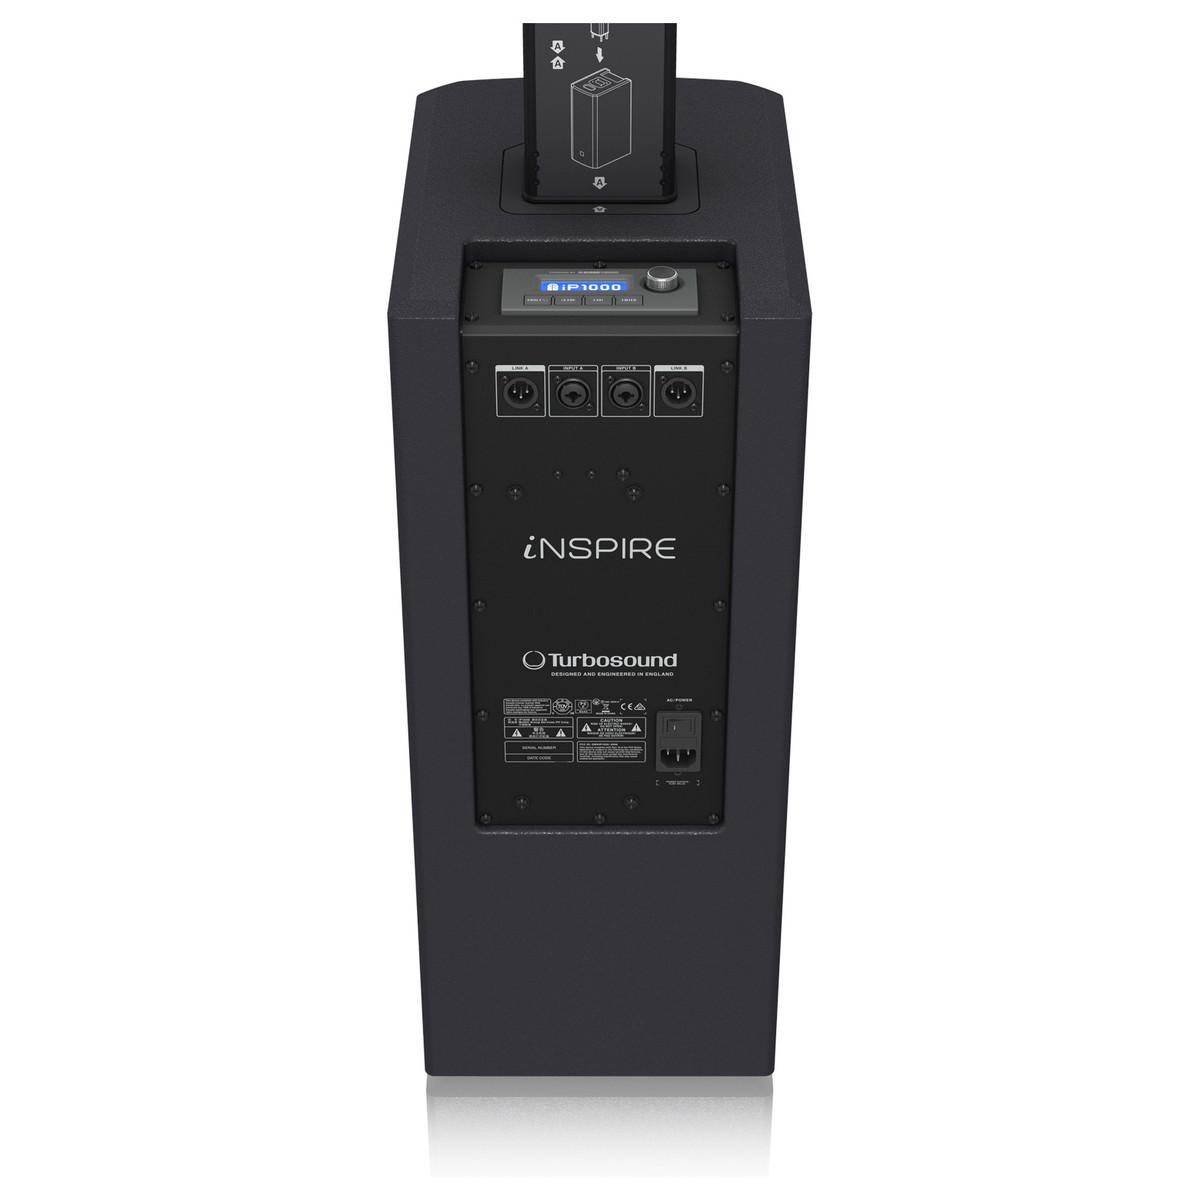 Turbosound Inspire Ip1000 : turbosound inspire ip1000 pa speaker at ~ Russianpoet.info Haus und Dekorationen